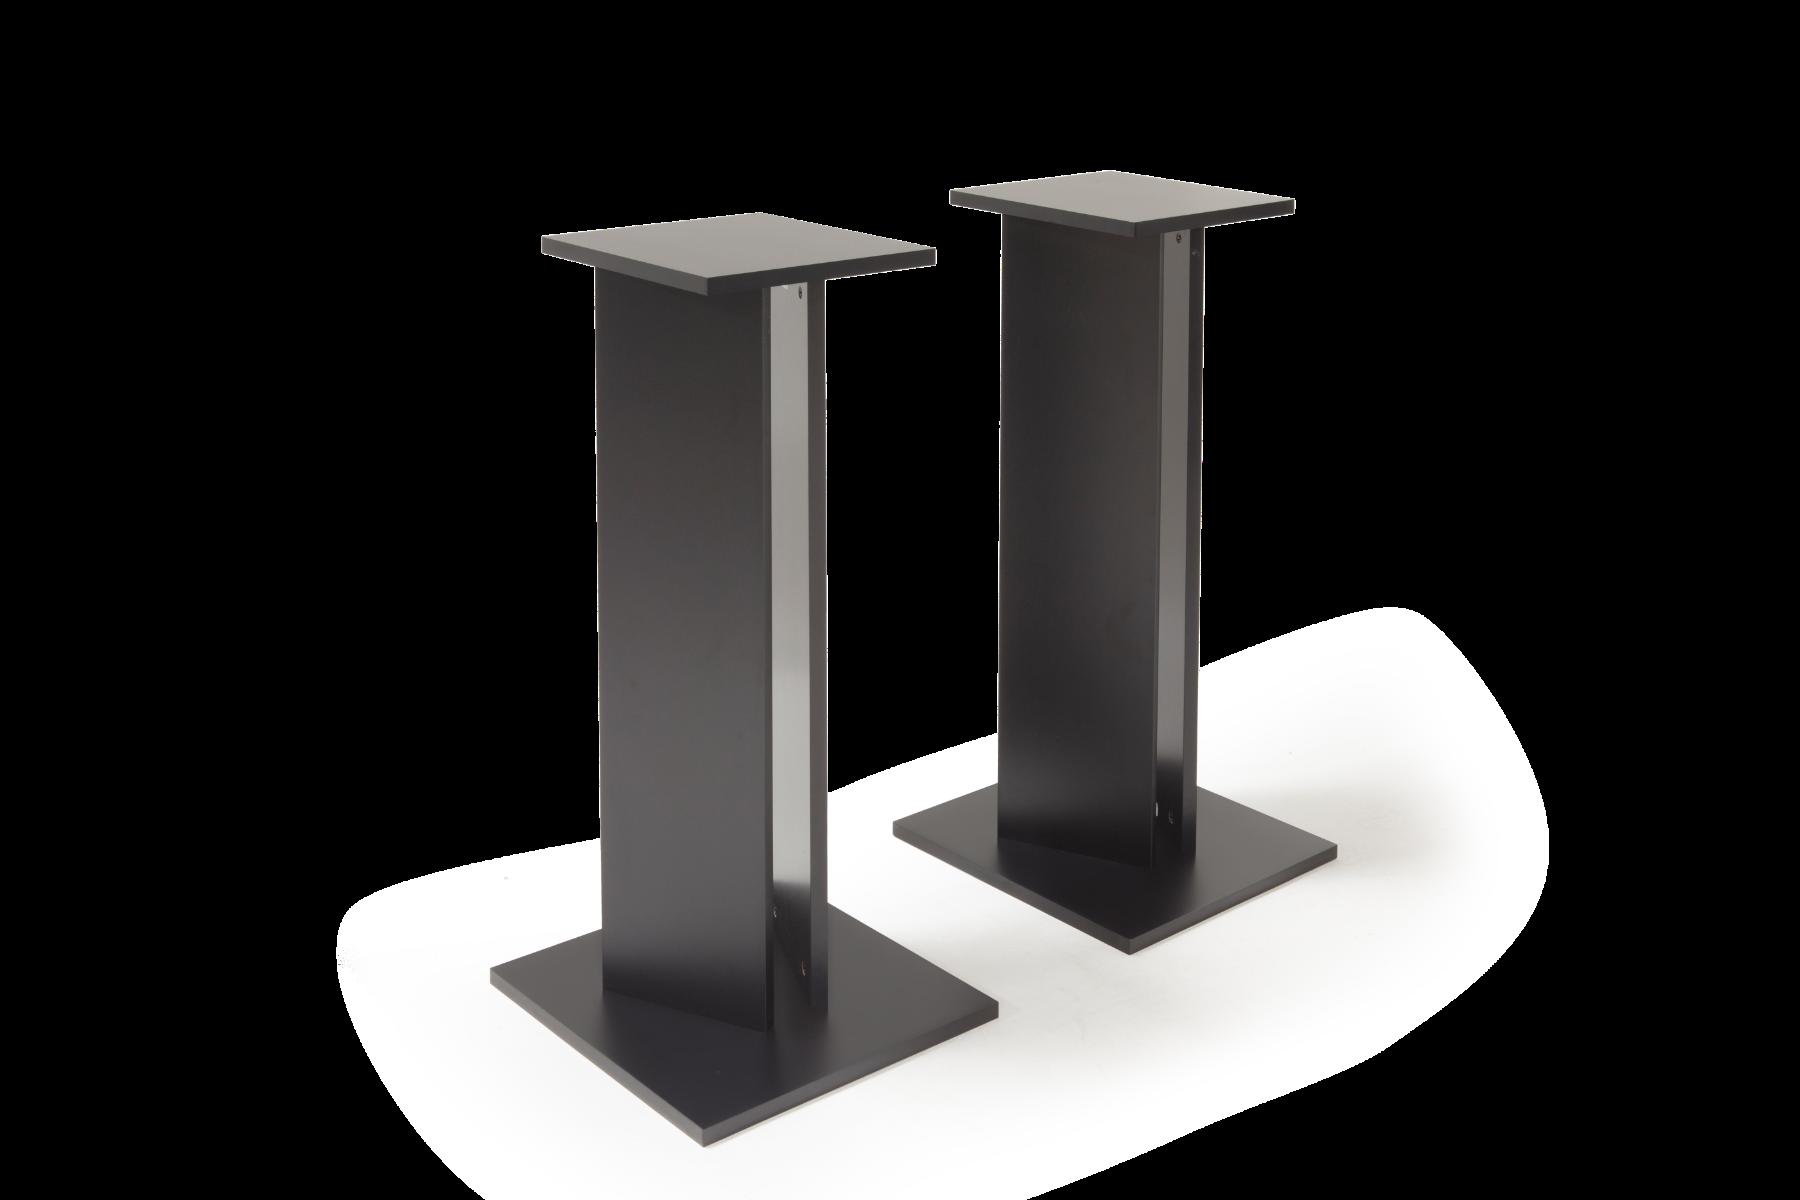 Desk Speaker Stand Clamp Hostgarcia